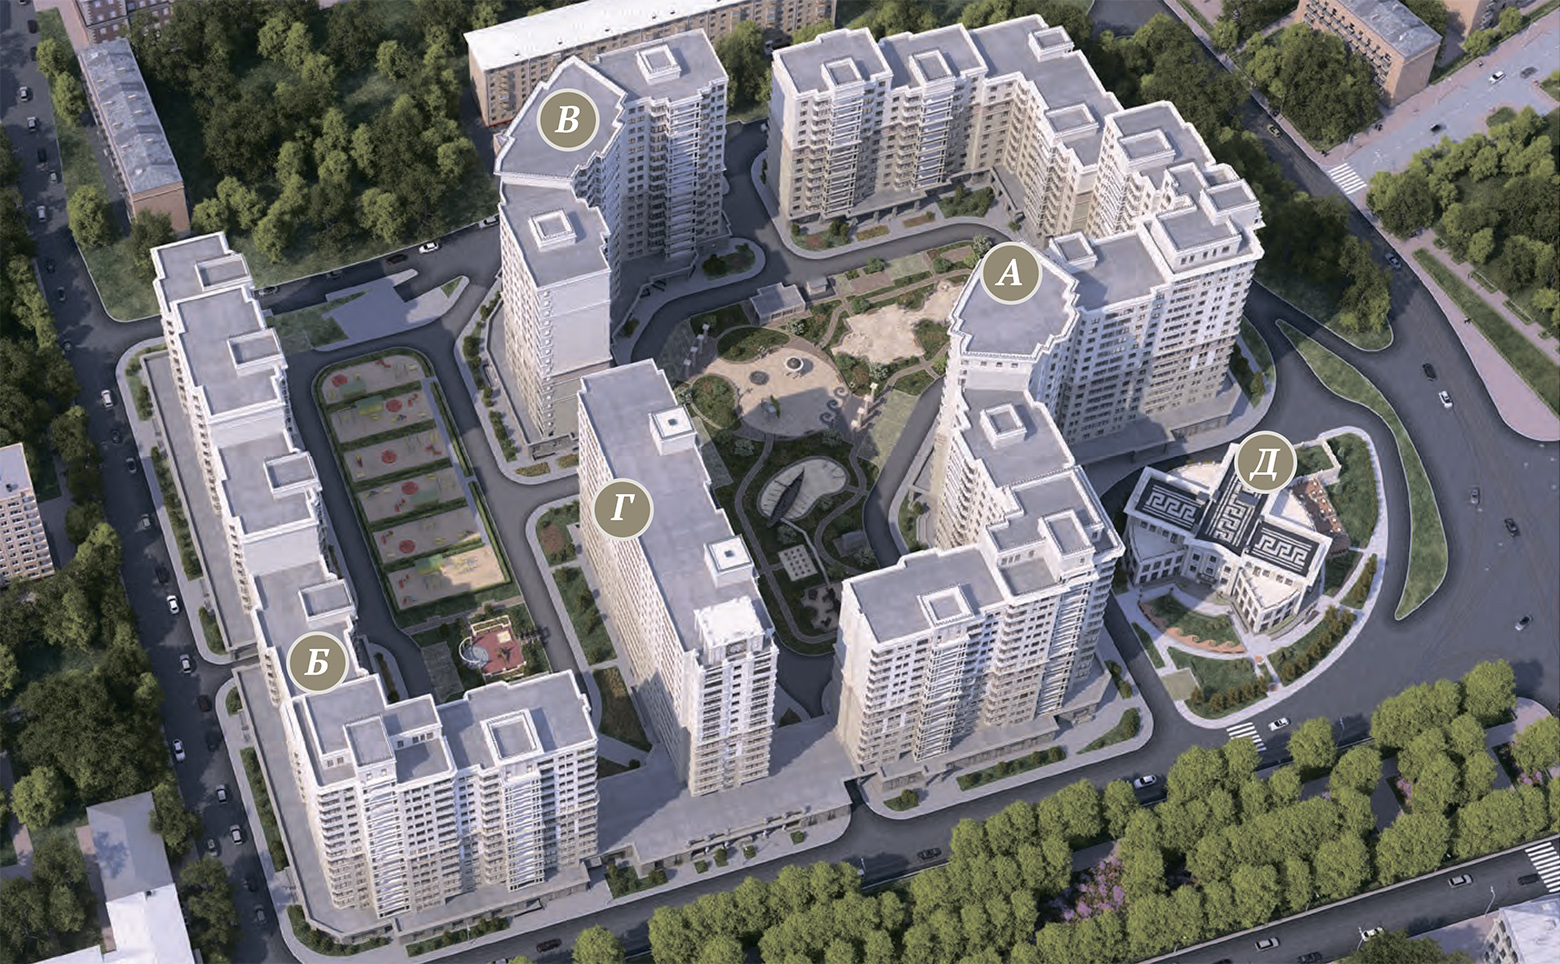 План жилого комплекса ЖК Донской Олимп